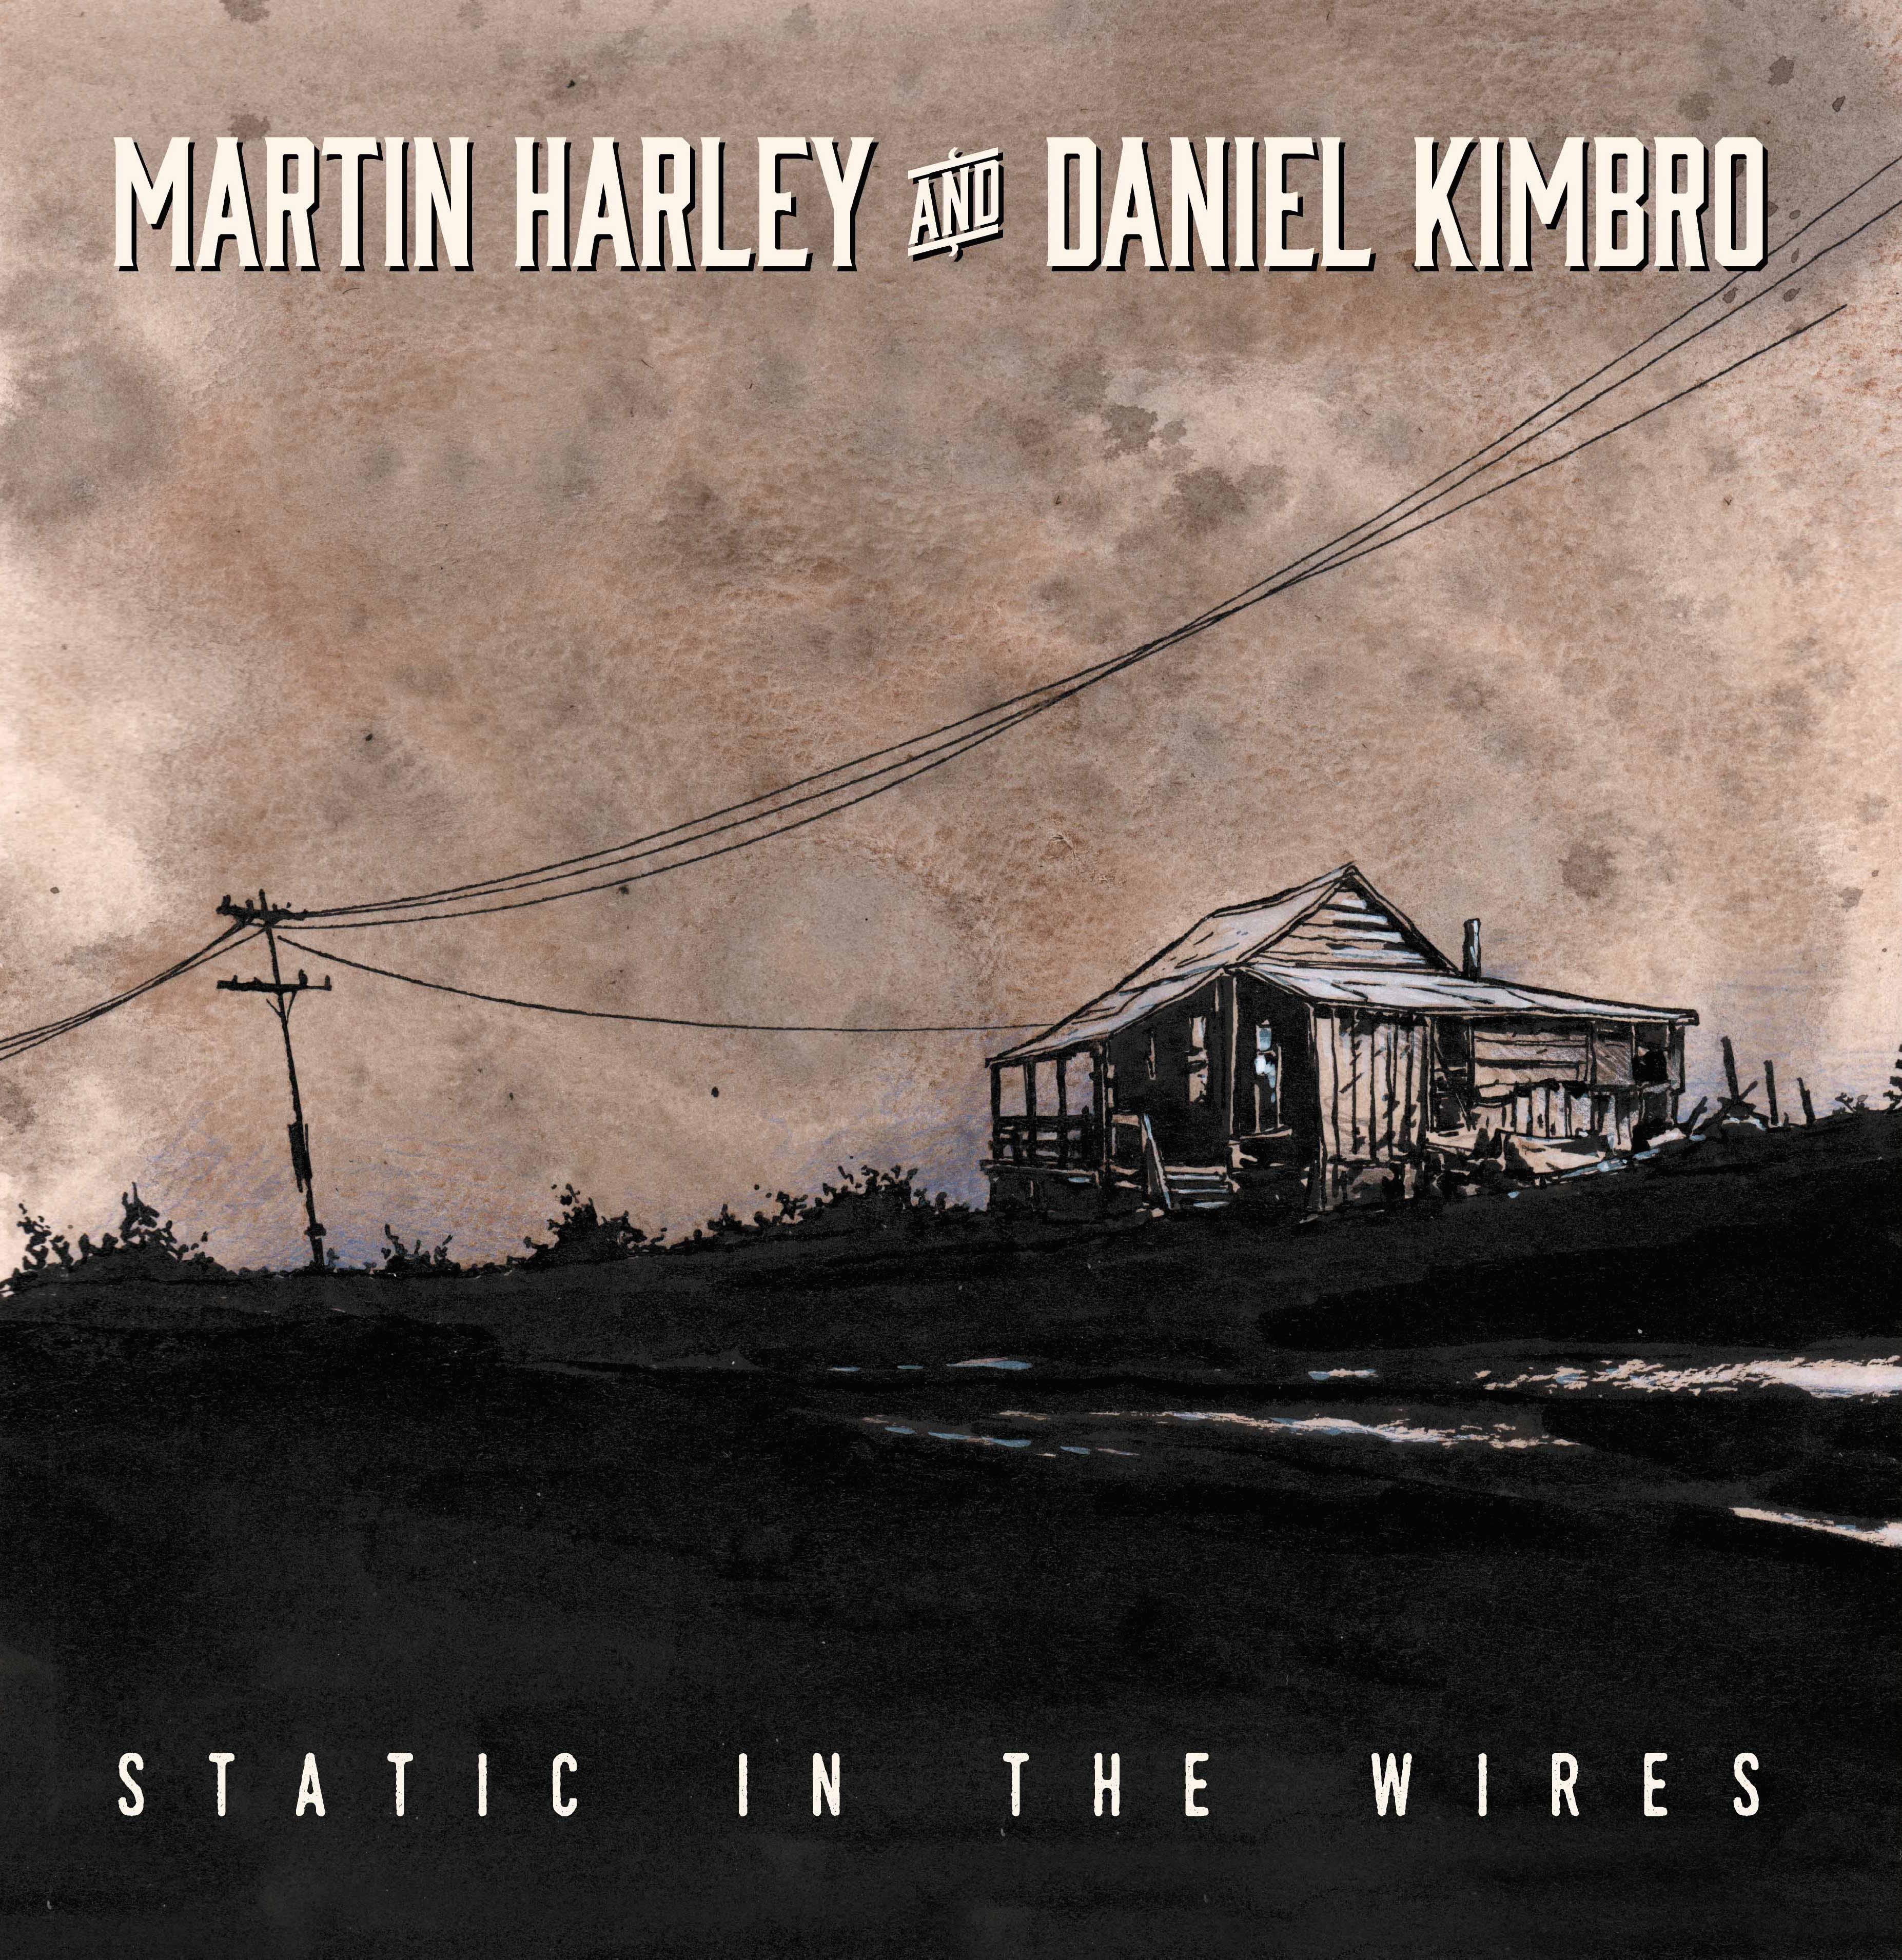 """Static in the Wires - Martin Harley & Daniel Kimbro 12"""" Vinyl"""